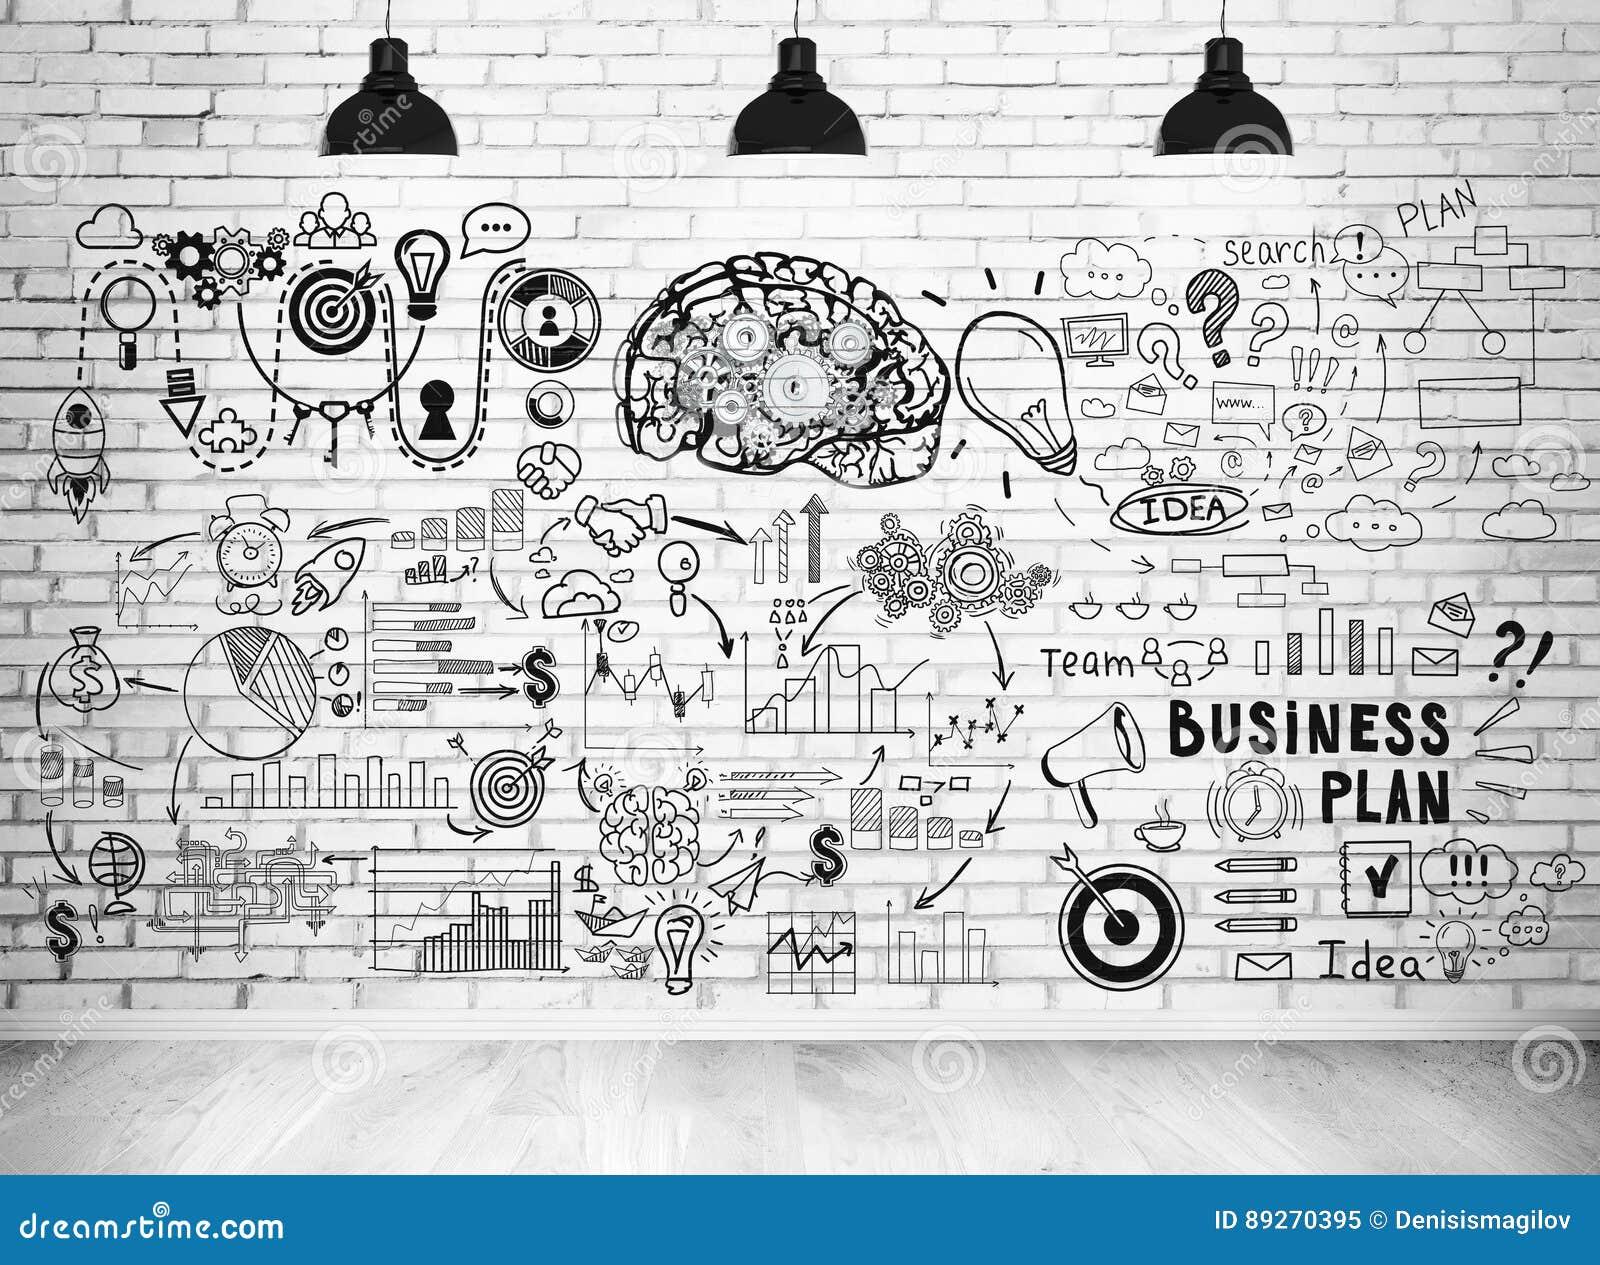 De schets van het businessplan op een bakstenen muur